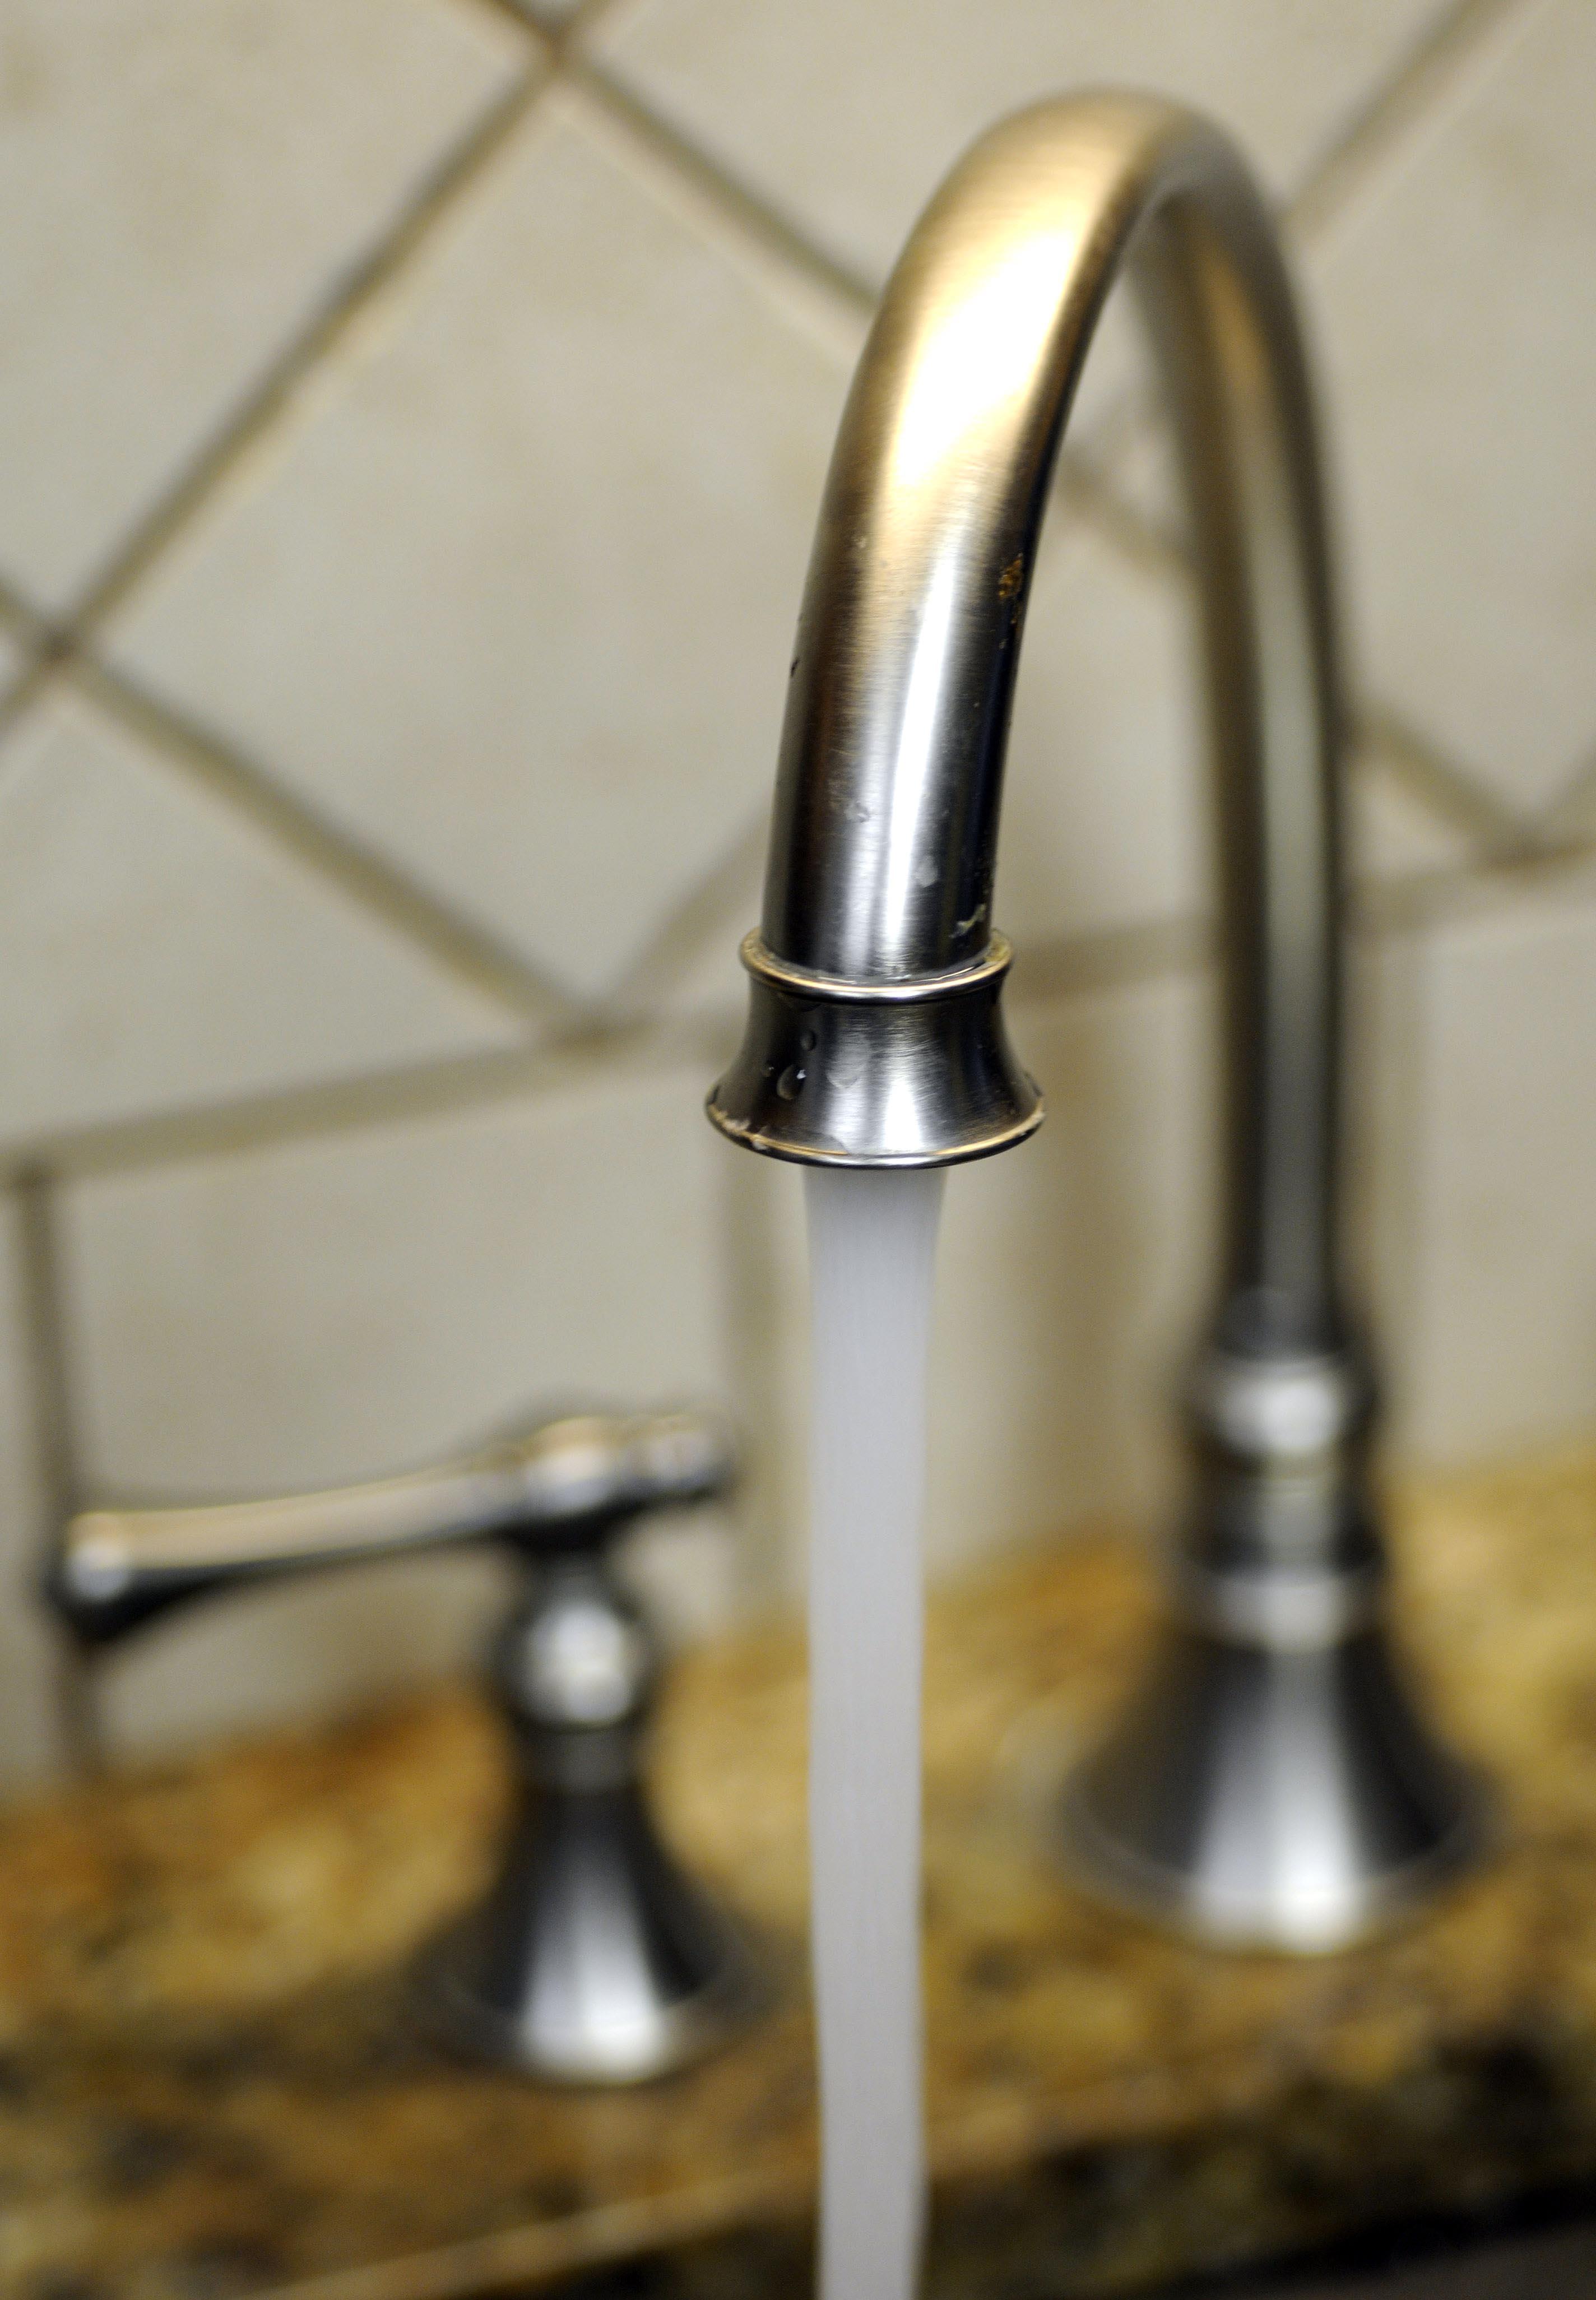 635937267635996780-faucet.jpg